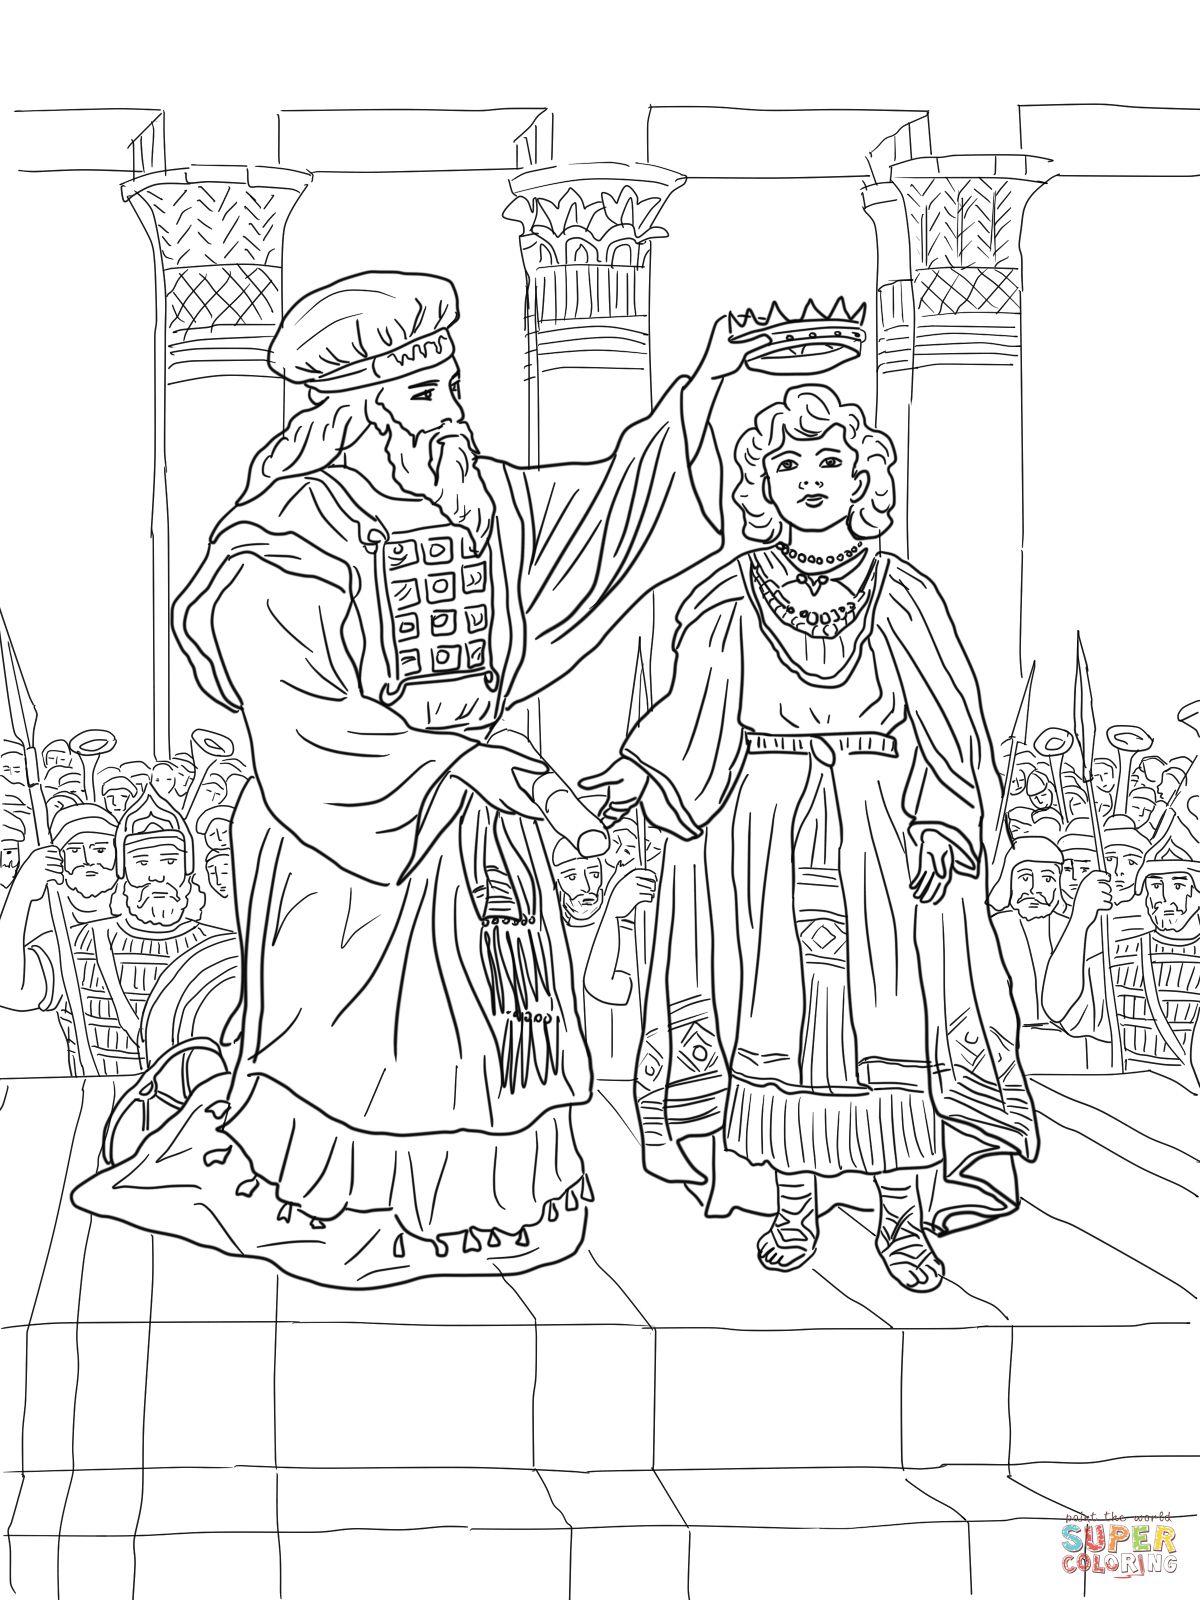 King Joash Crowned Coloring Page Supercoloring Divided